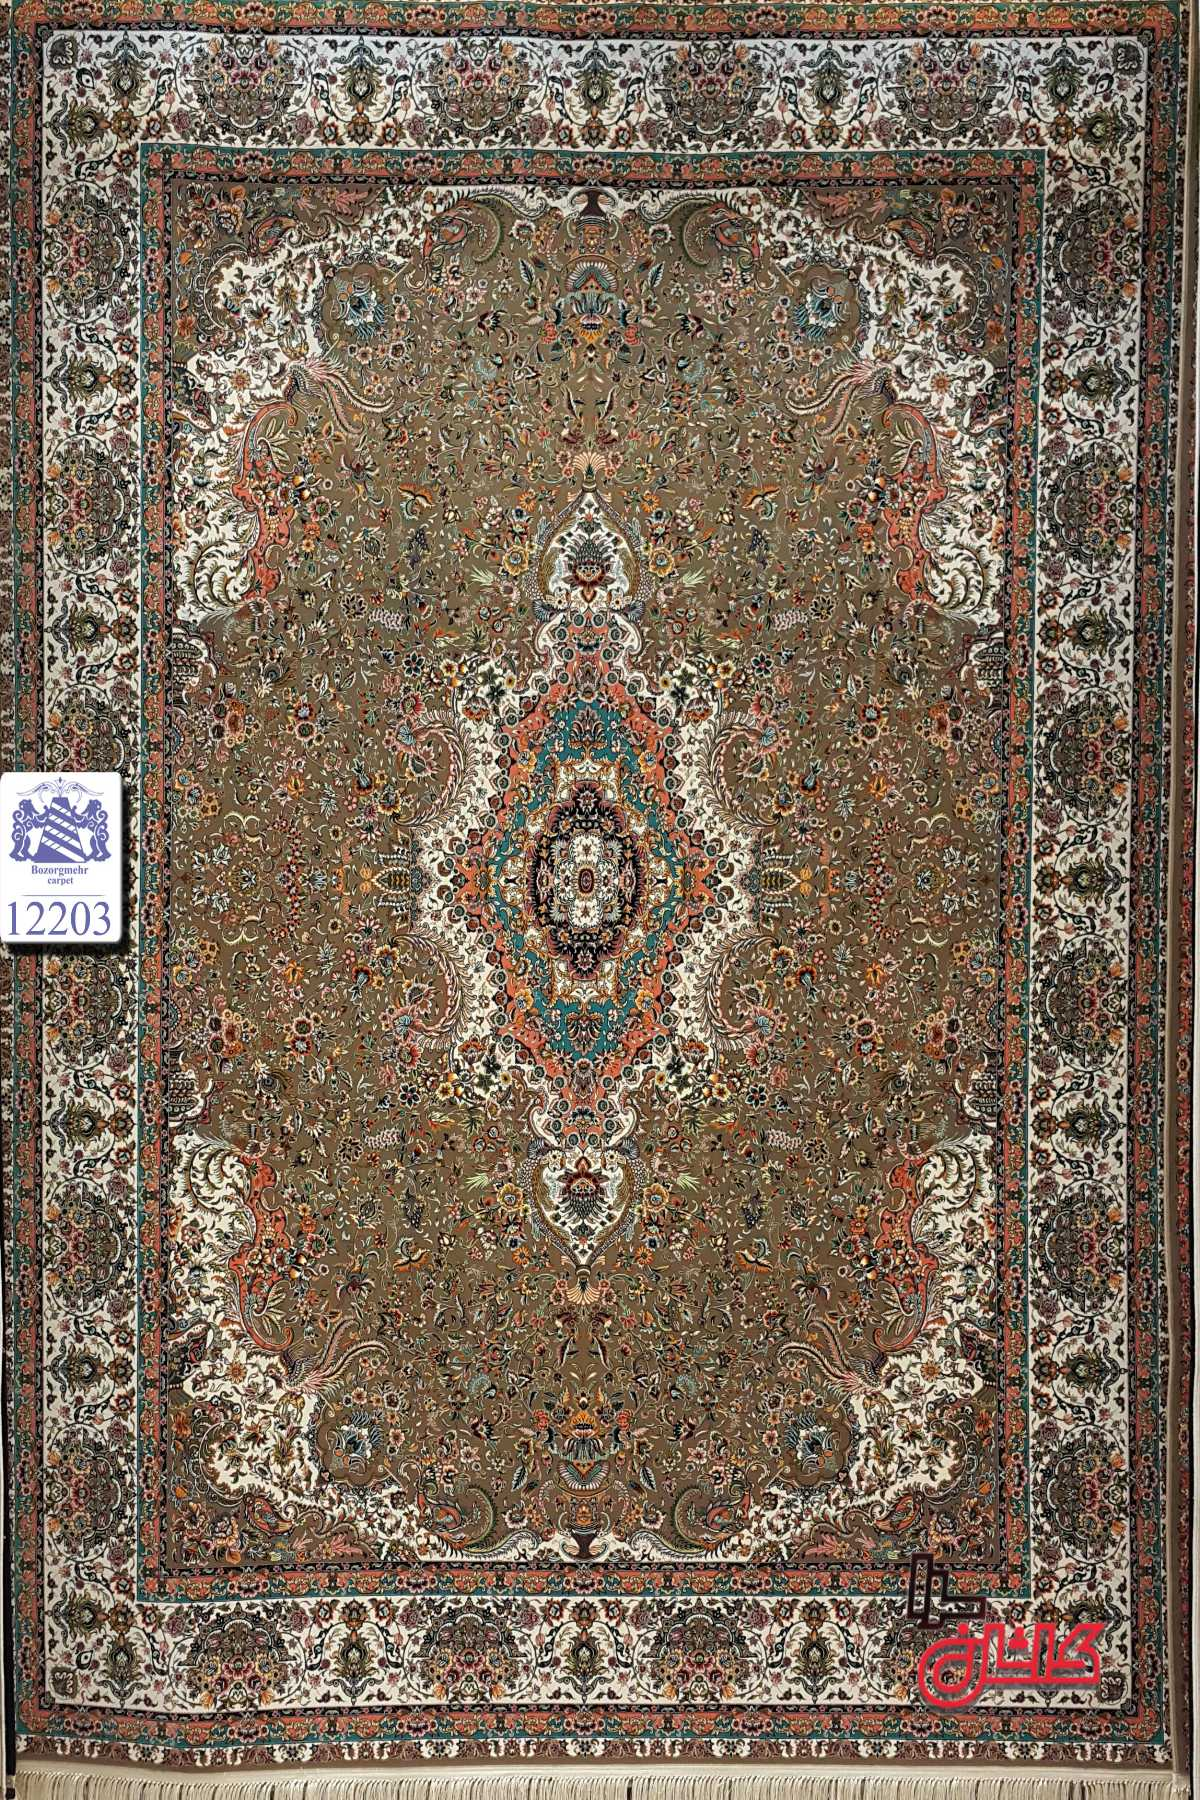 قیمت فرش ۱۲۰۰ شانه کد ۱۲۲۰۳